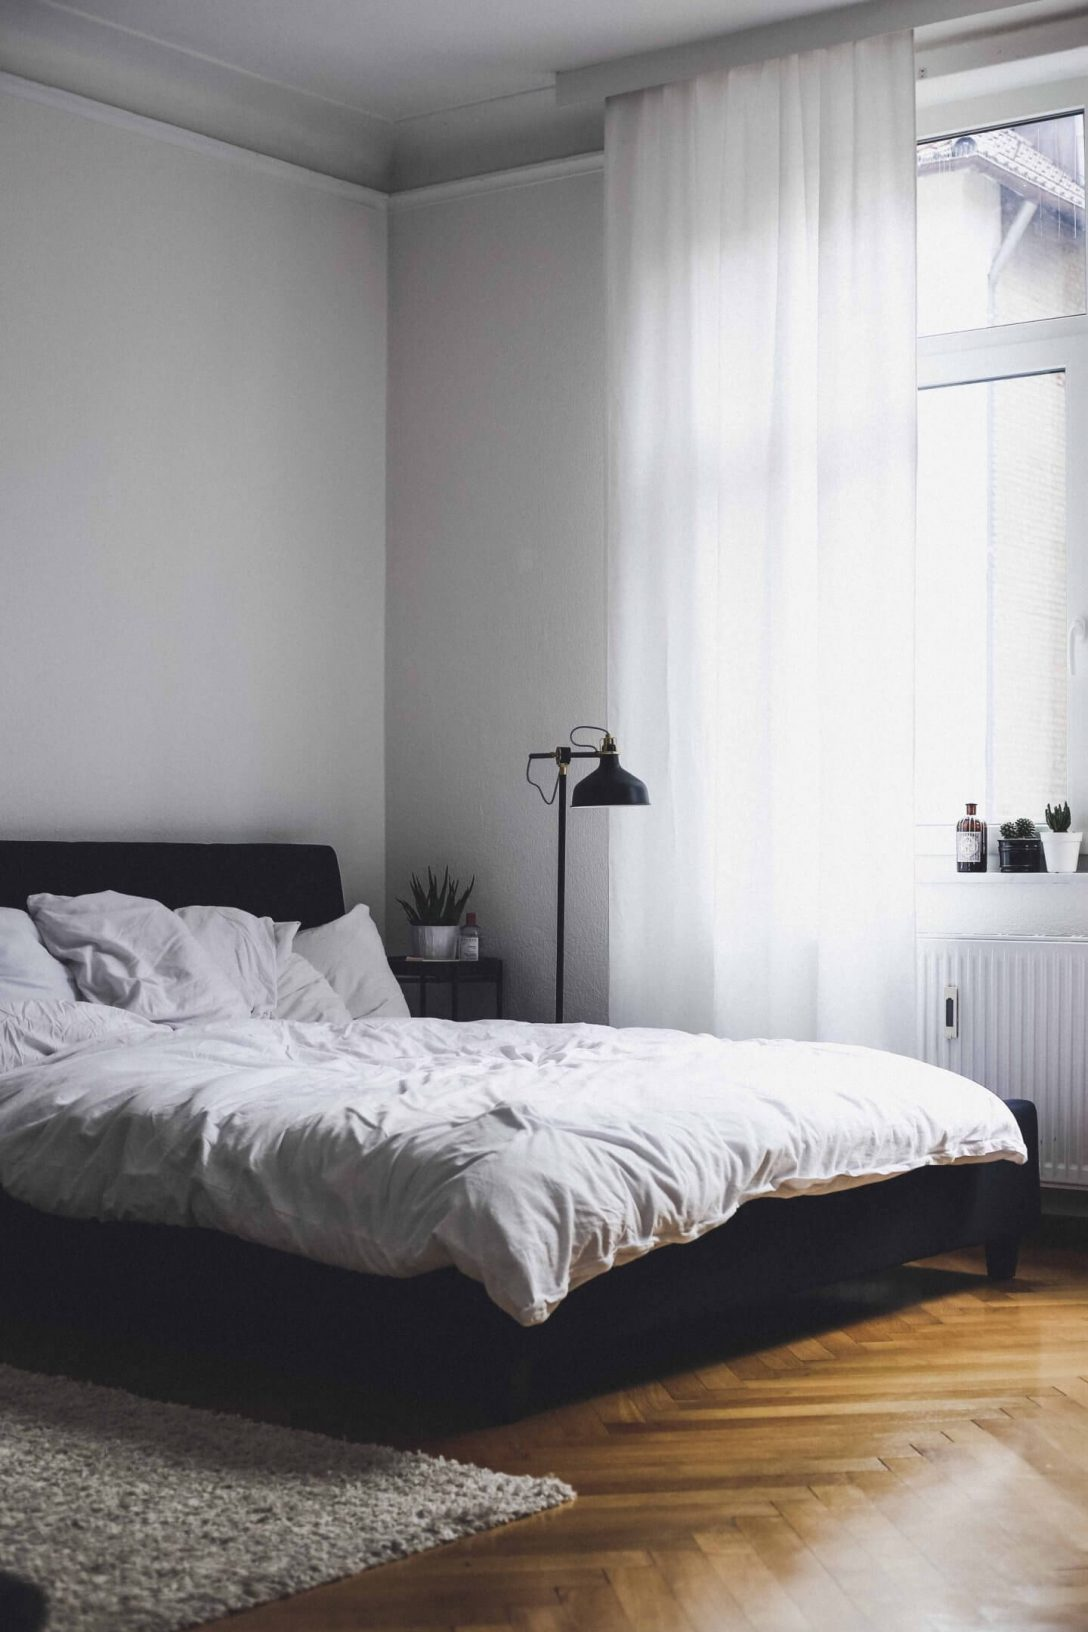 Large Size of Bett Minimalistisch Interior Schlafzimmer Doandlivede Lifestyleblog Aus Komforthöhe Hülsta Boxspring Mit Gästebett Betten 160x200 Schreibtisch 120x200 Bett Bett Minimalistisch